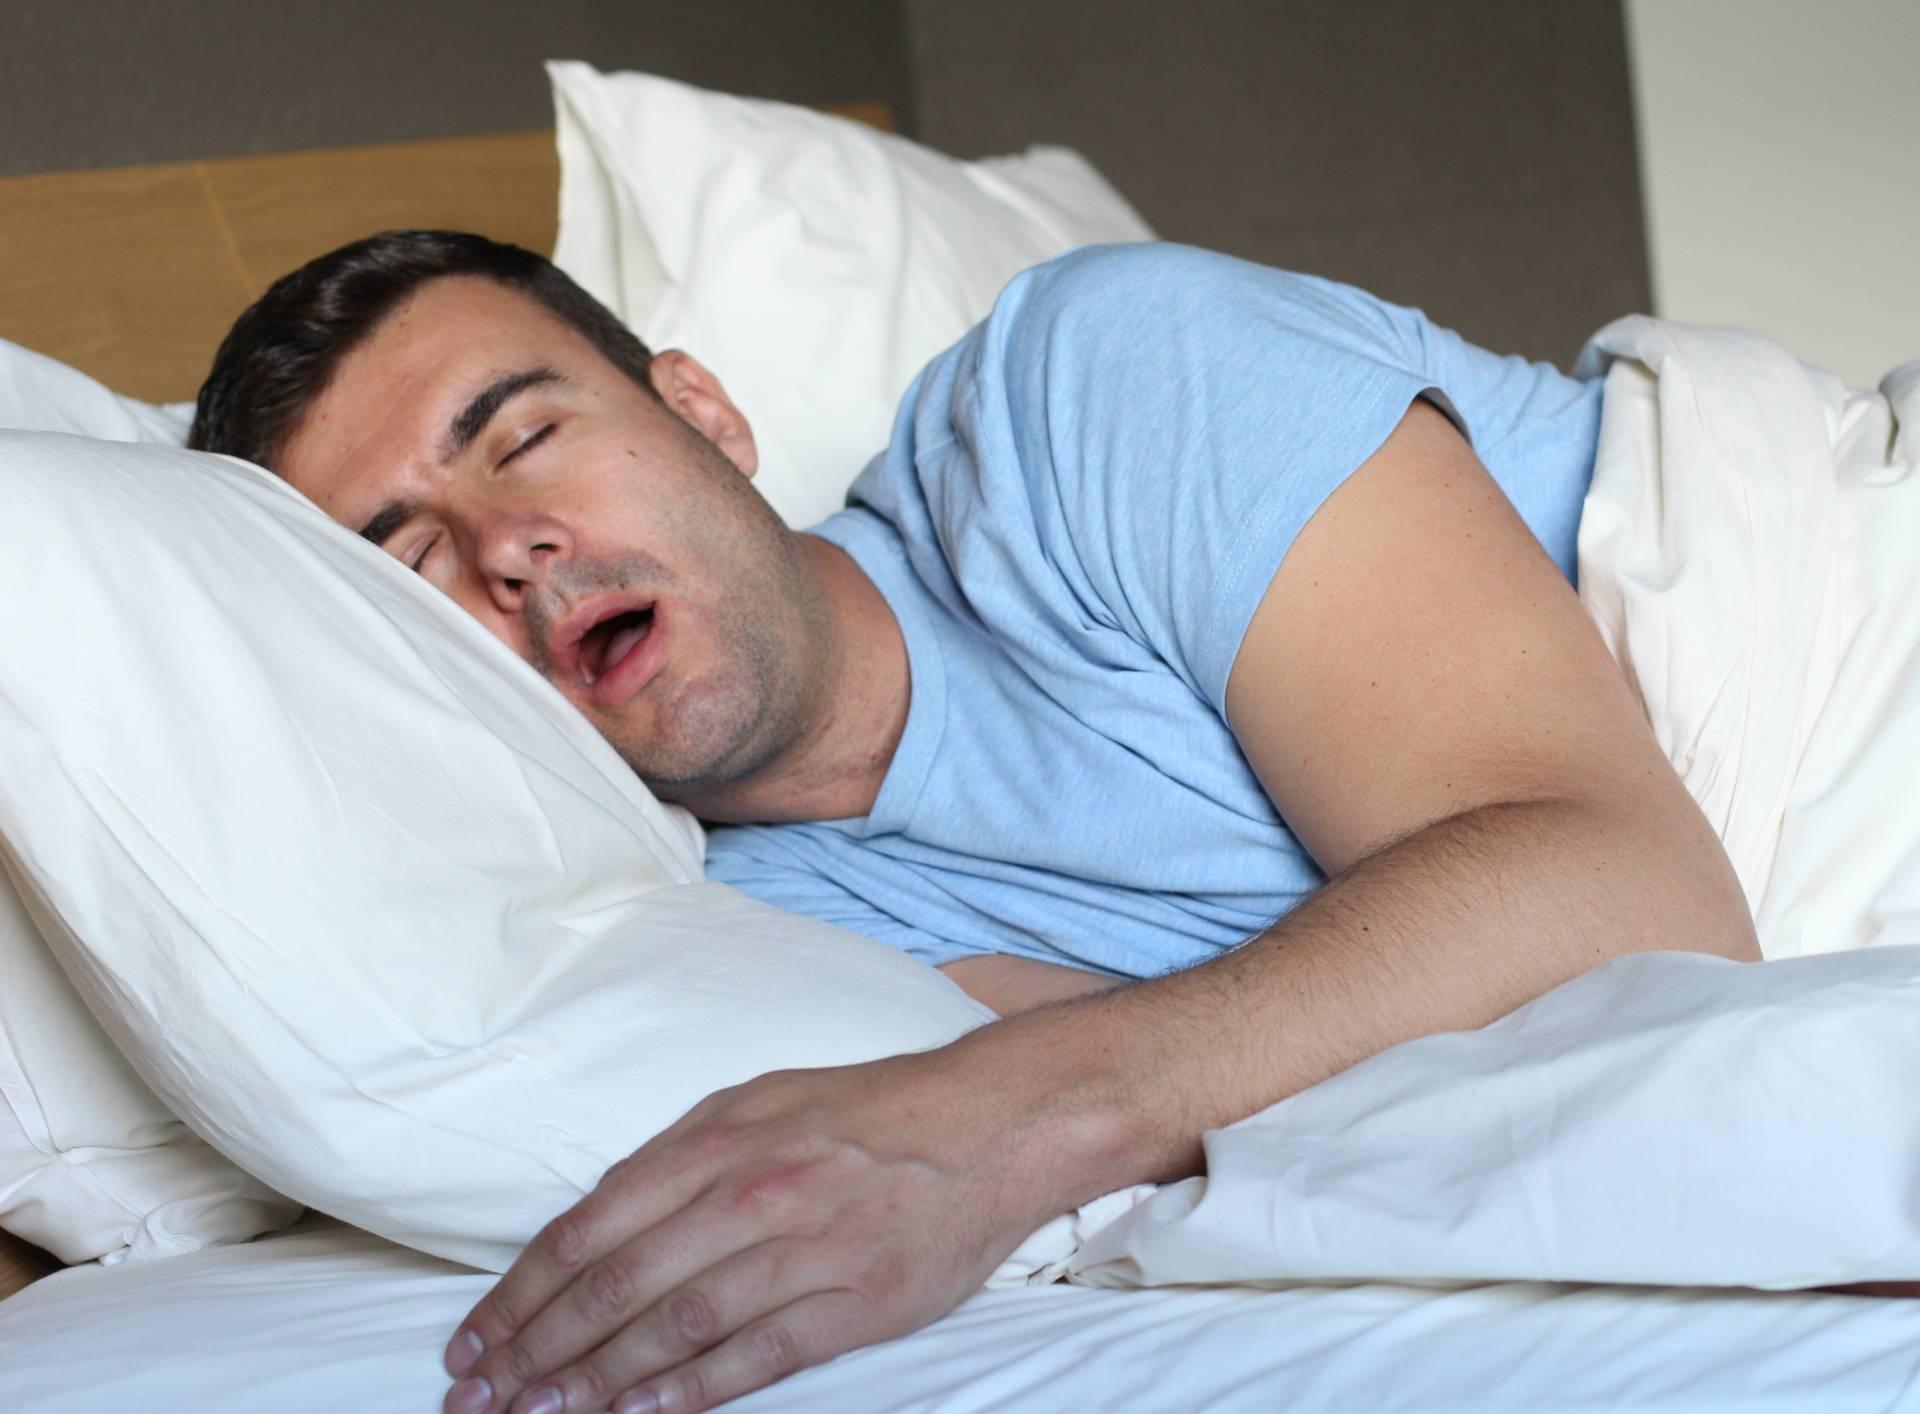 Zašto po noći slinimo i na koje načine možemo riješiti problem